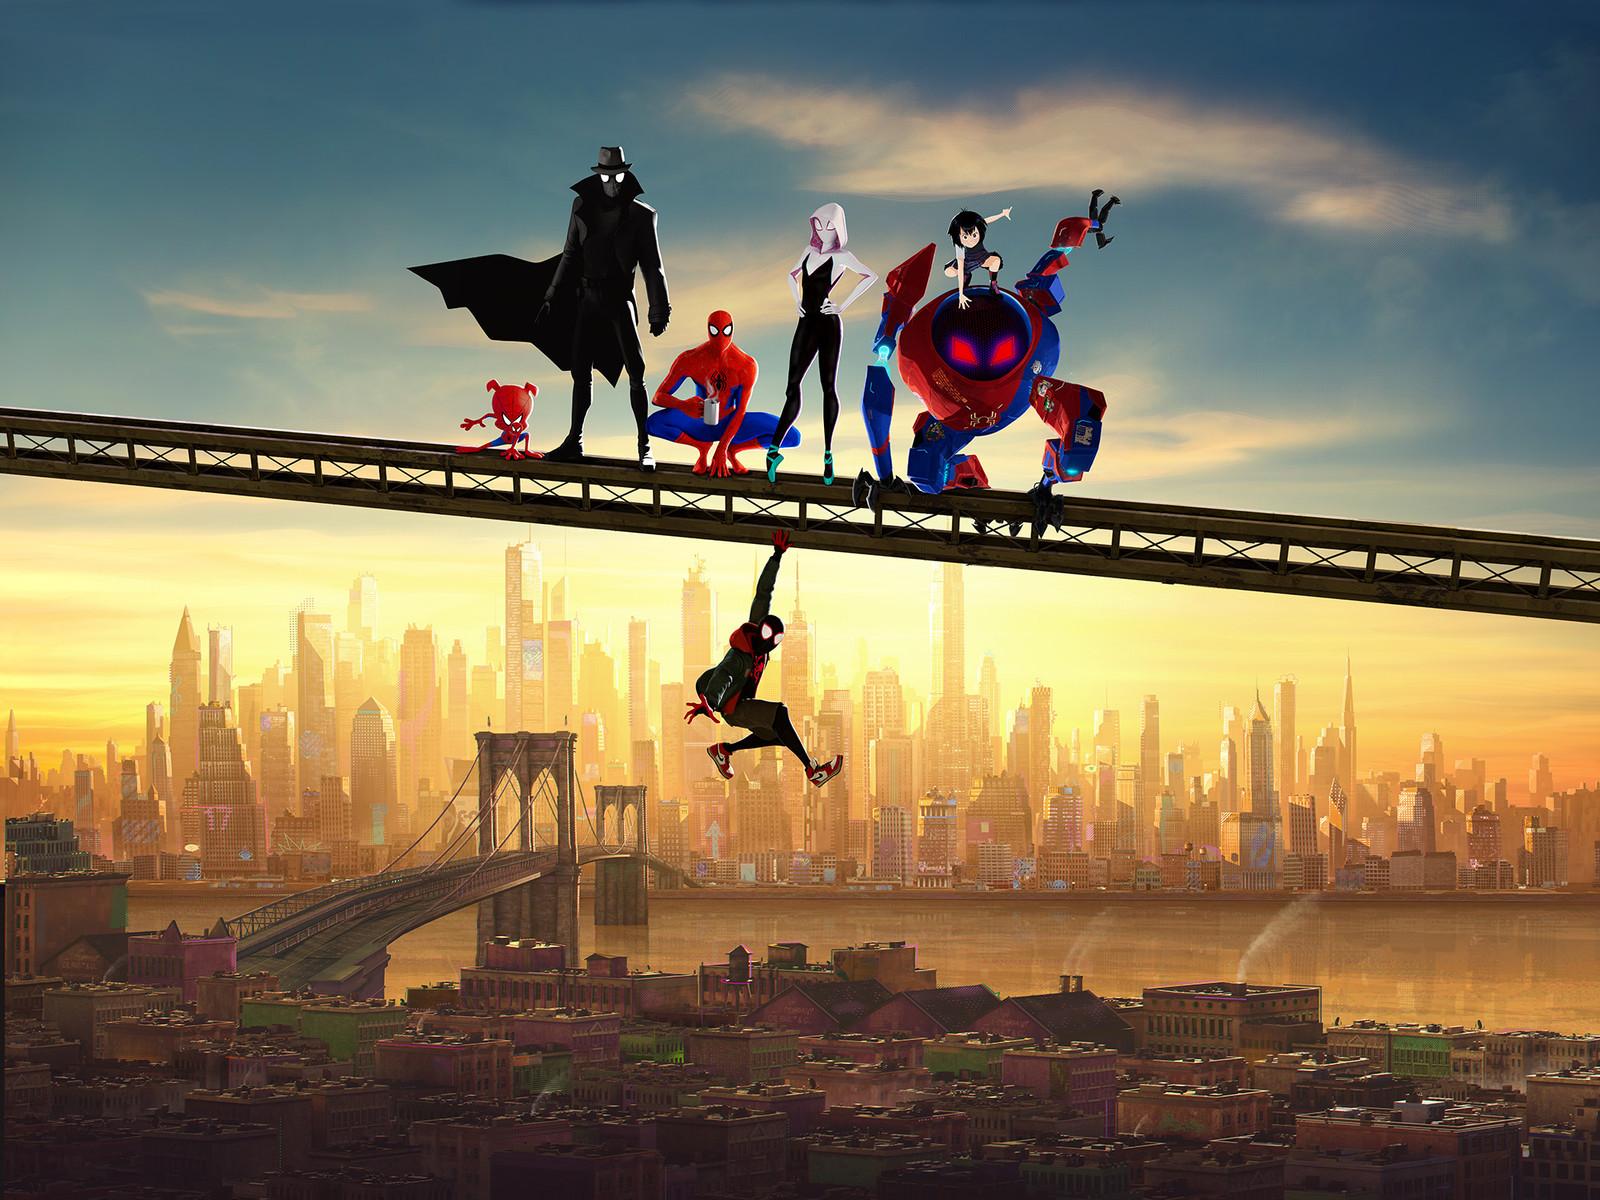 Spider Man : Into the Spider Verse Poster Design www.nickhiatt.com